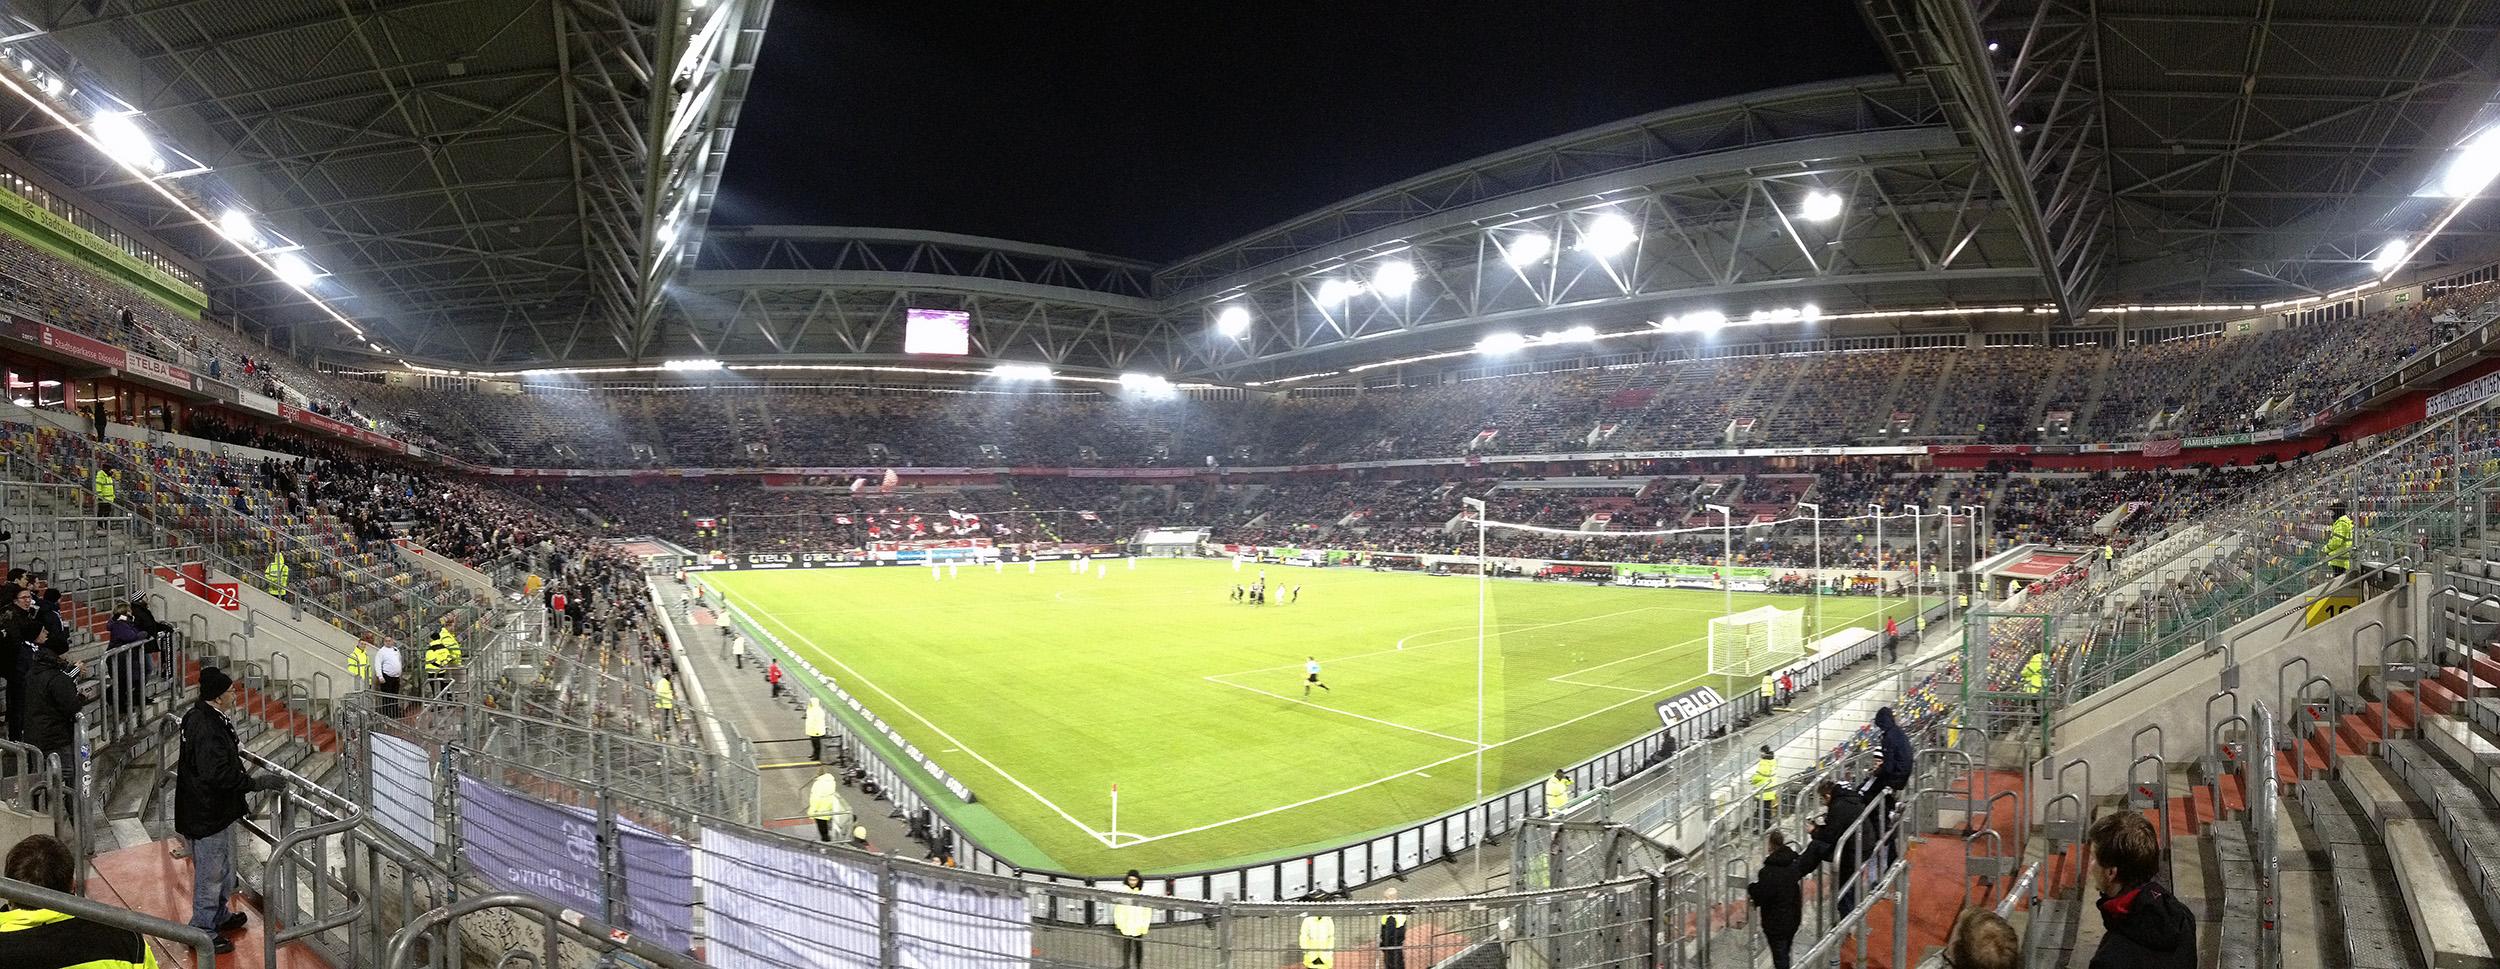 Esprit Arena Fortuna Düsseldorf Fortuna Brötchen